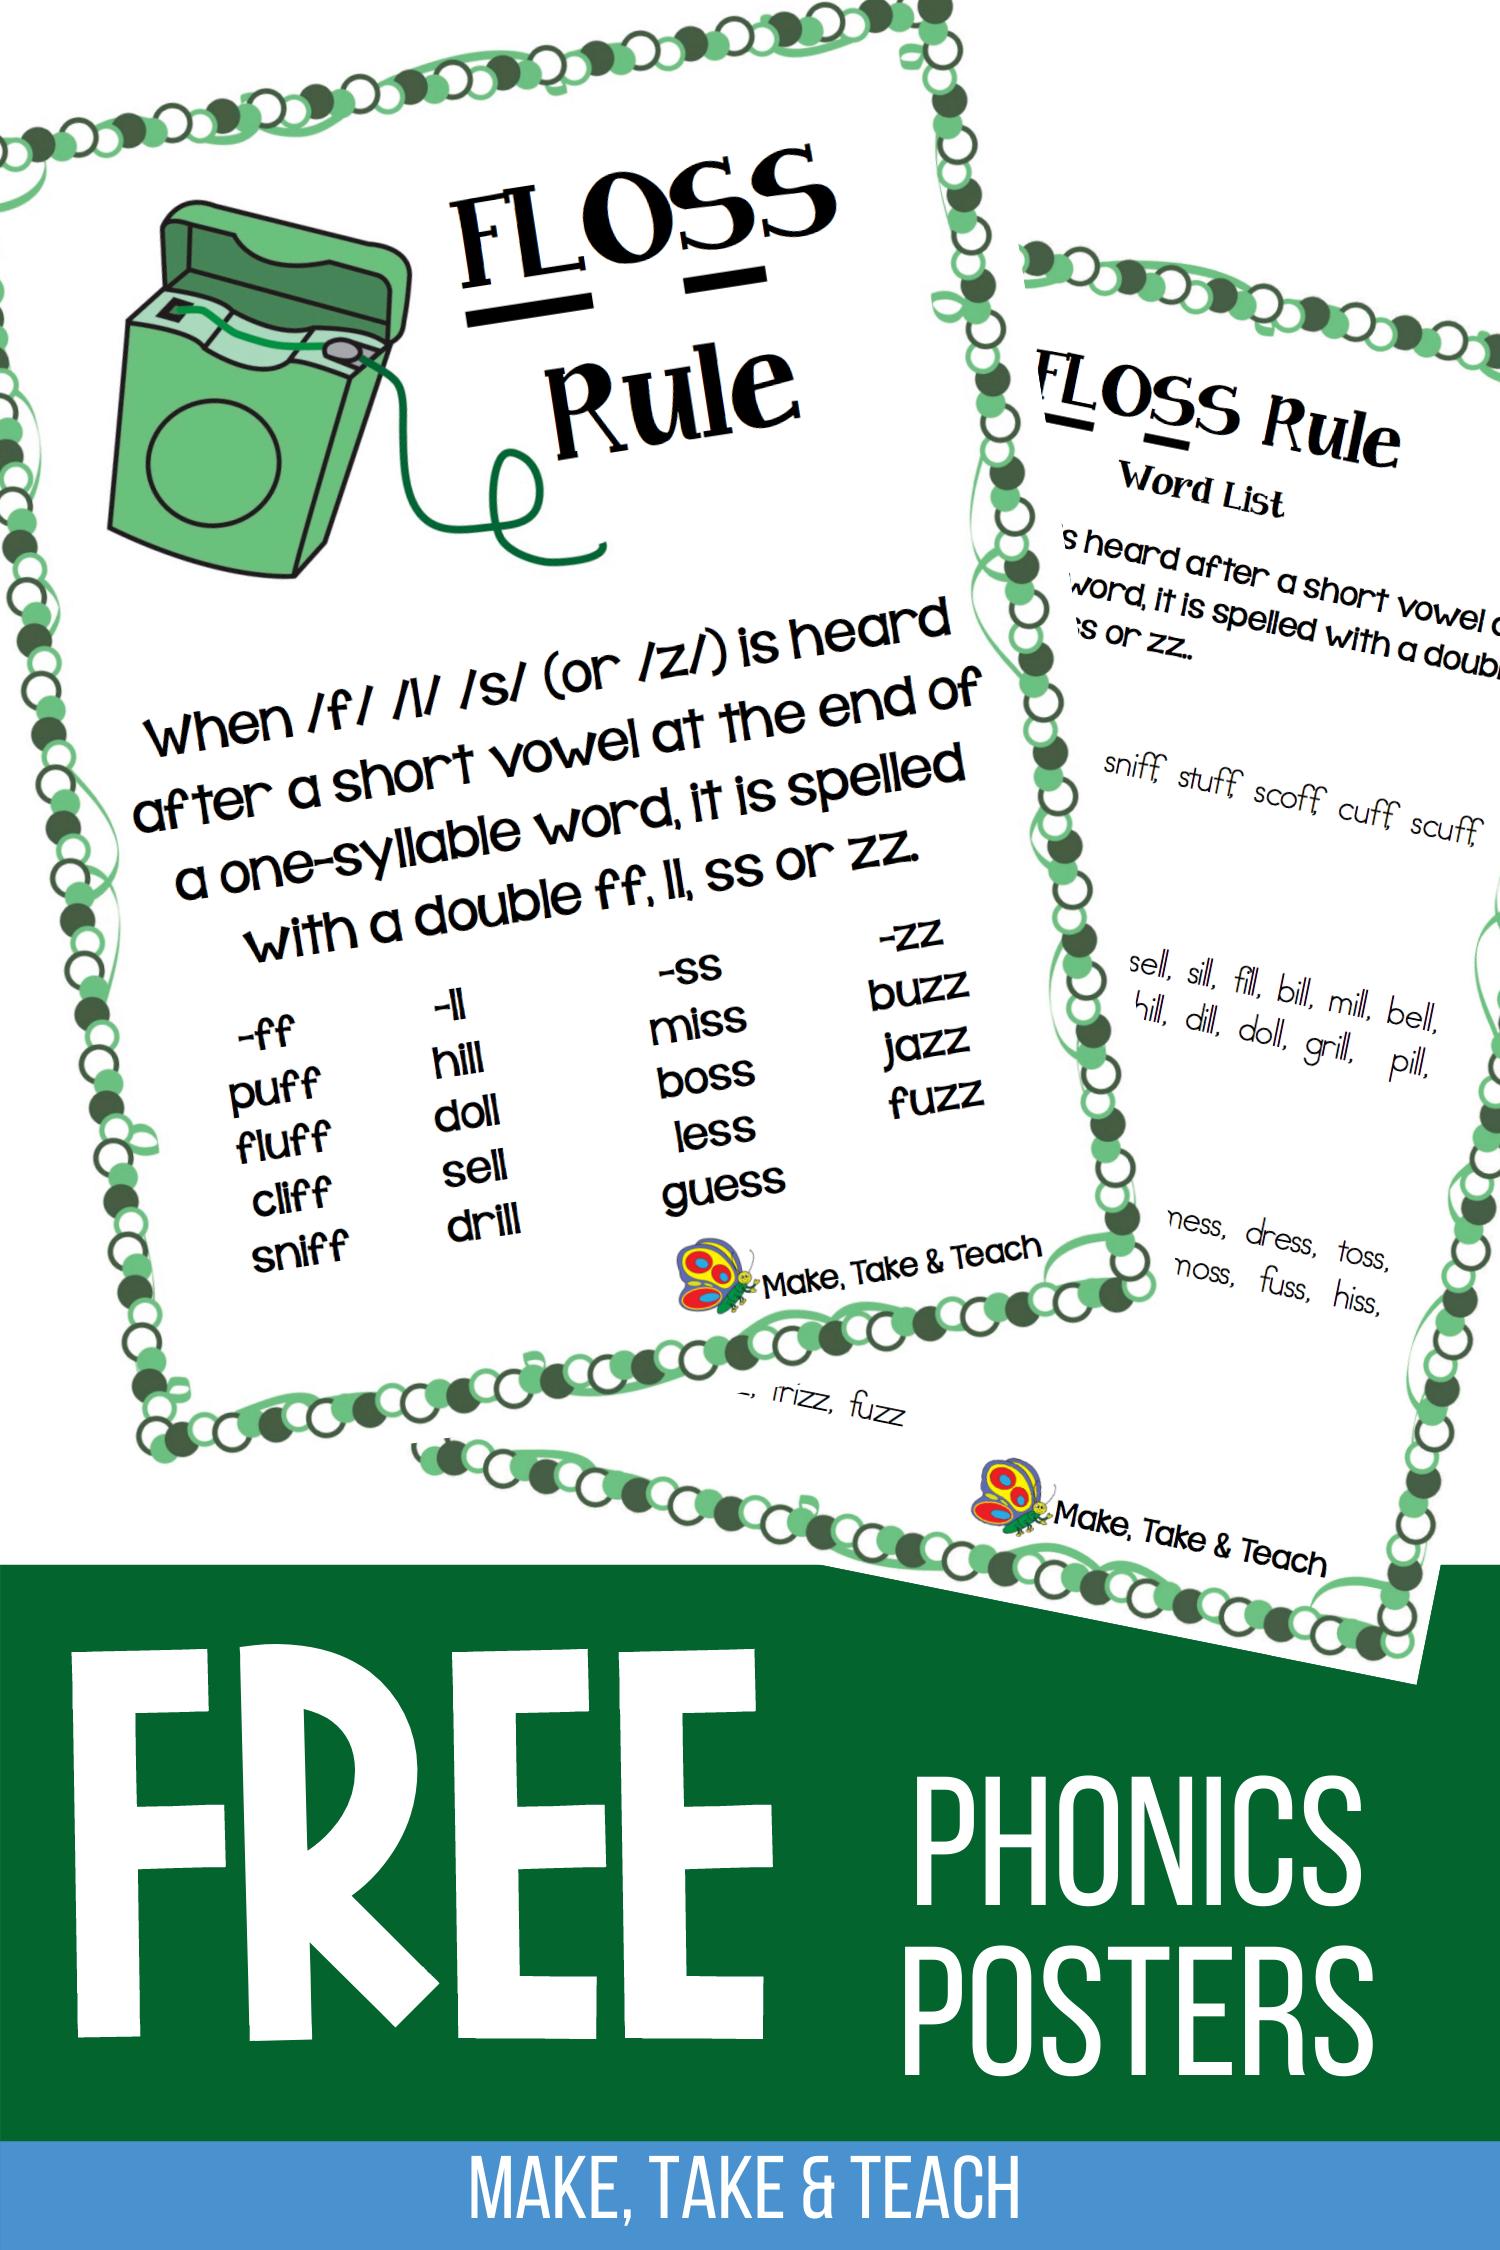 Teaching The Floss Spelling Rule